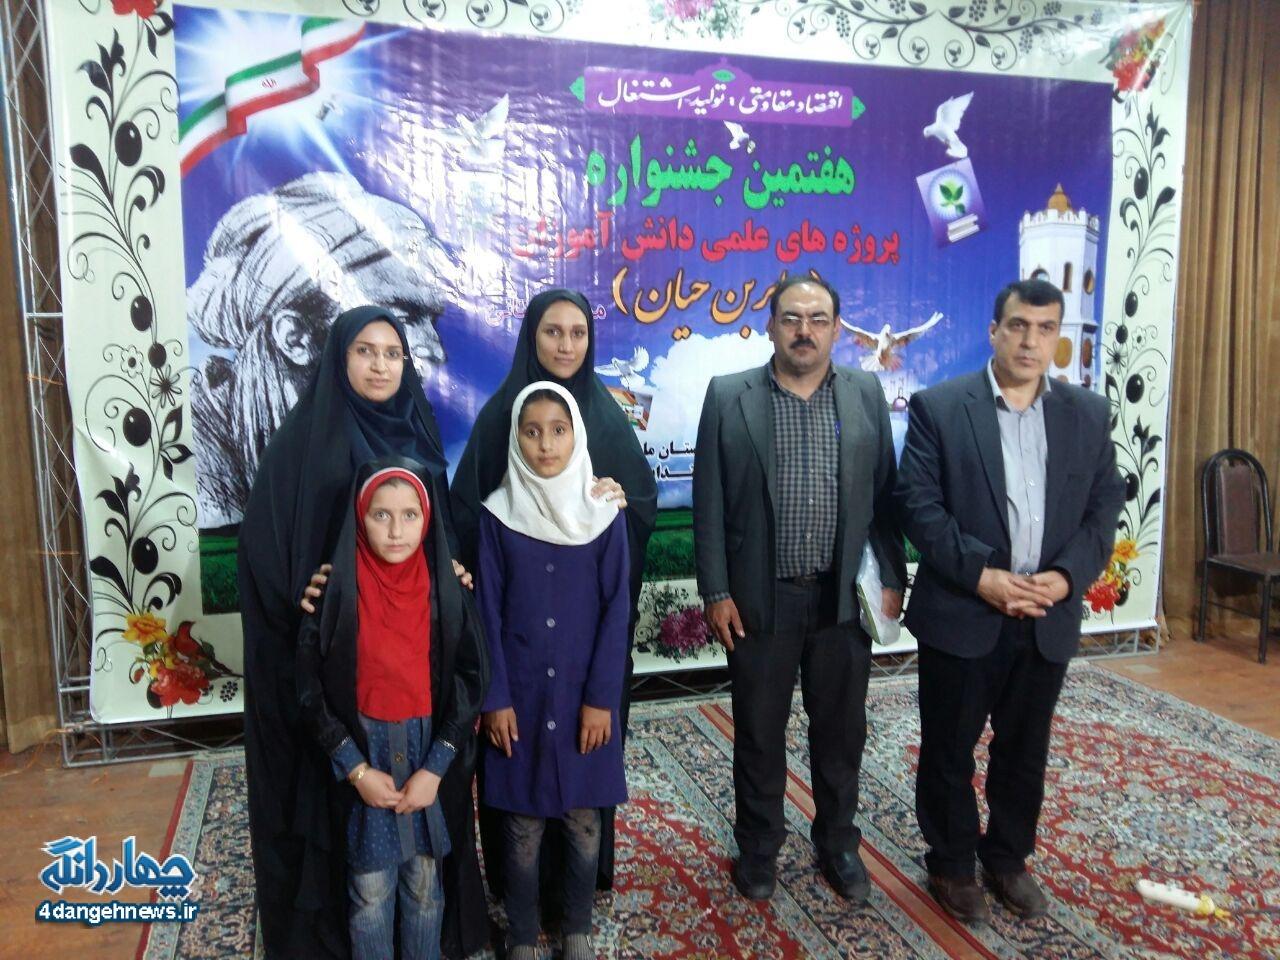 تجلیل از دانش آموزان چهاردانگه در هفتمین جشنواره جابربن حیان استان مازندران